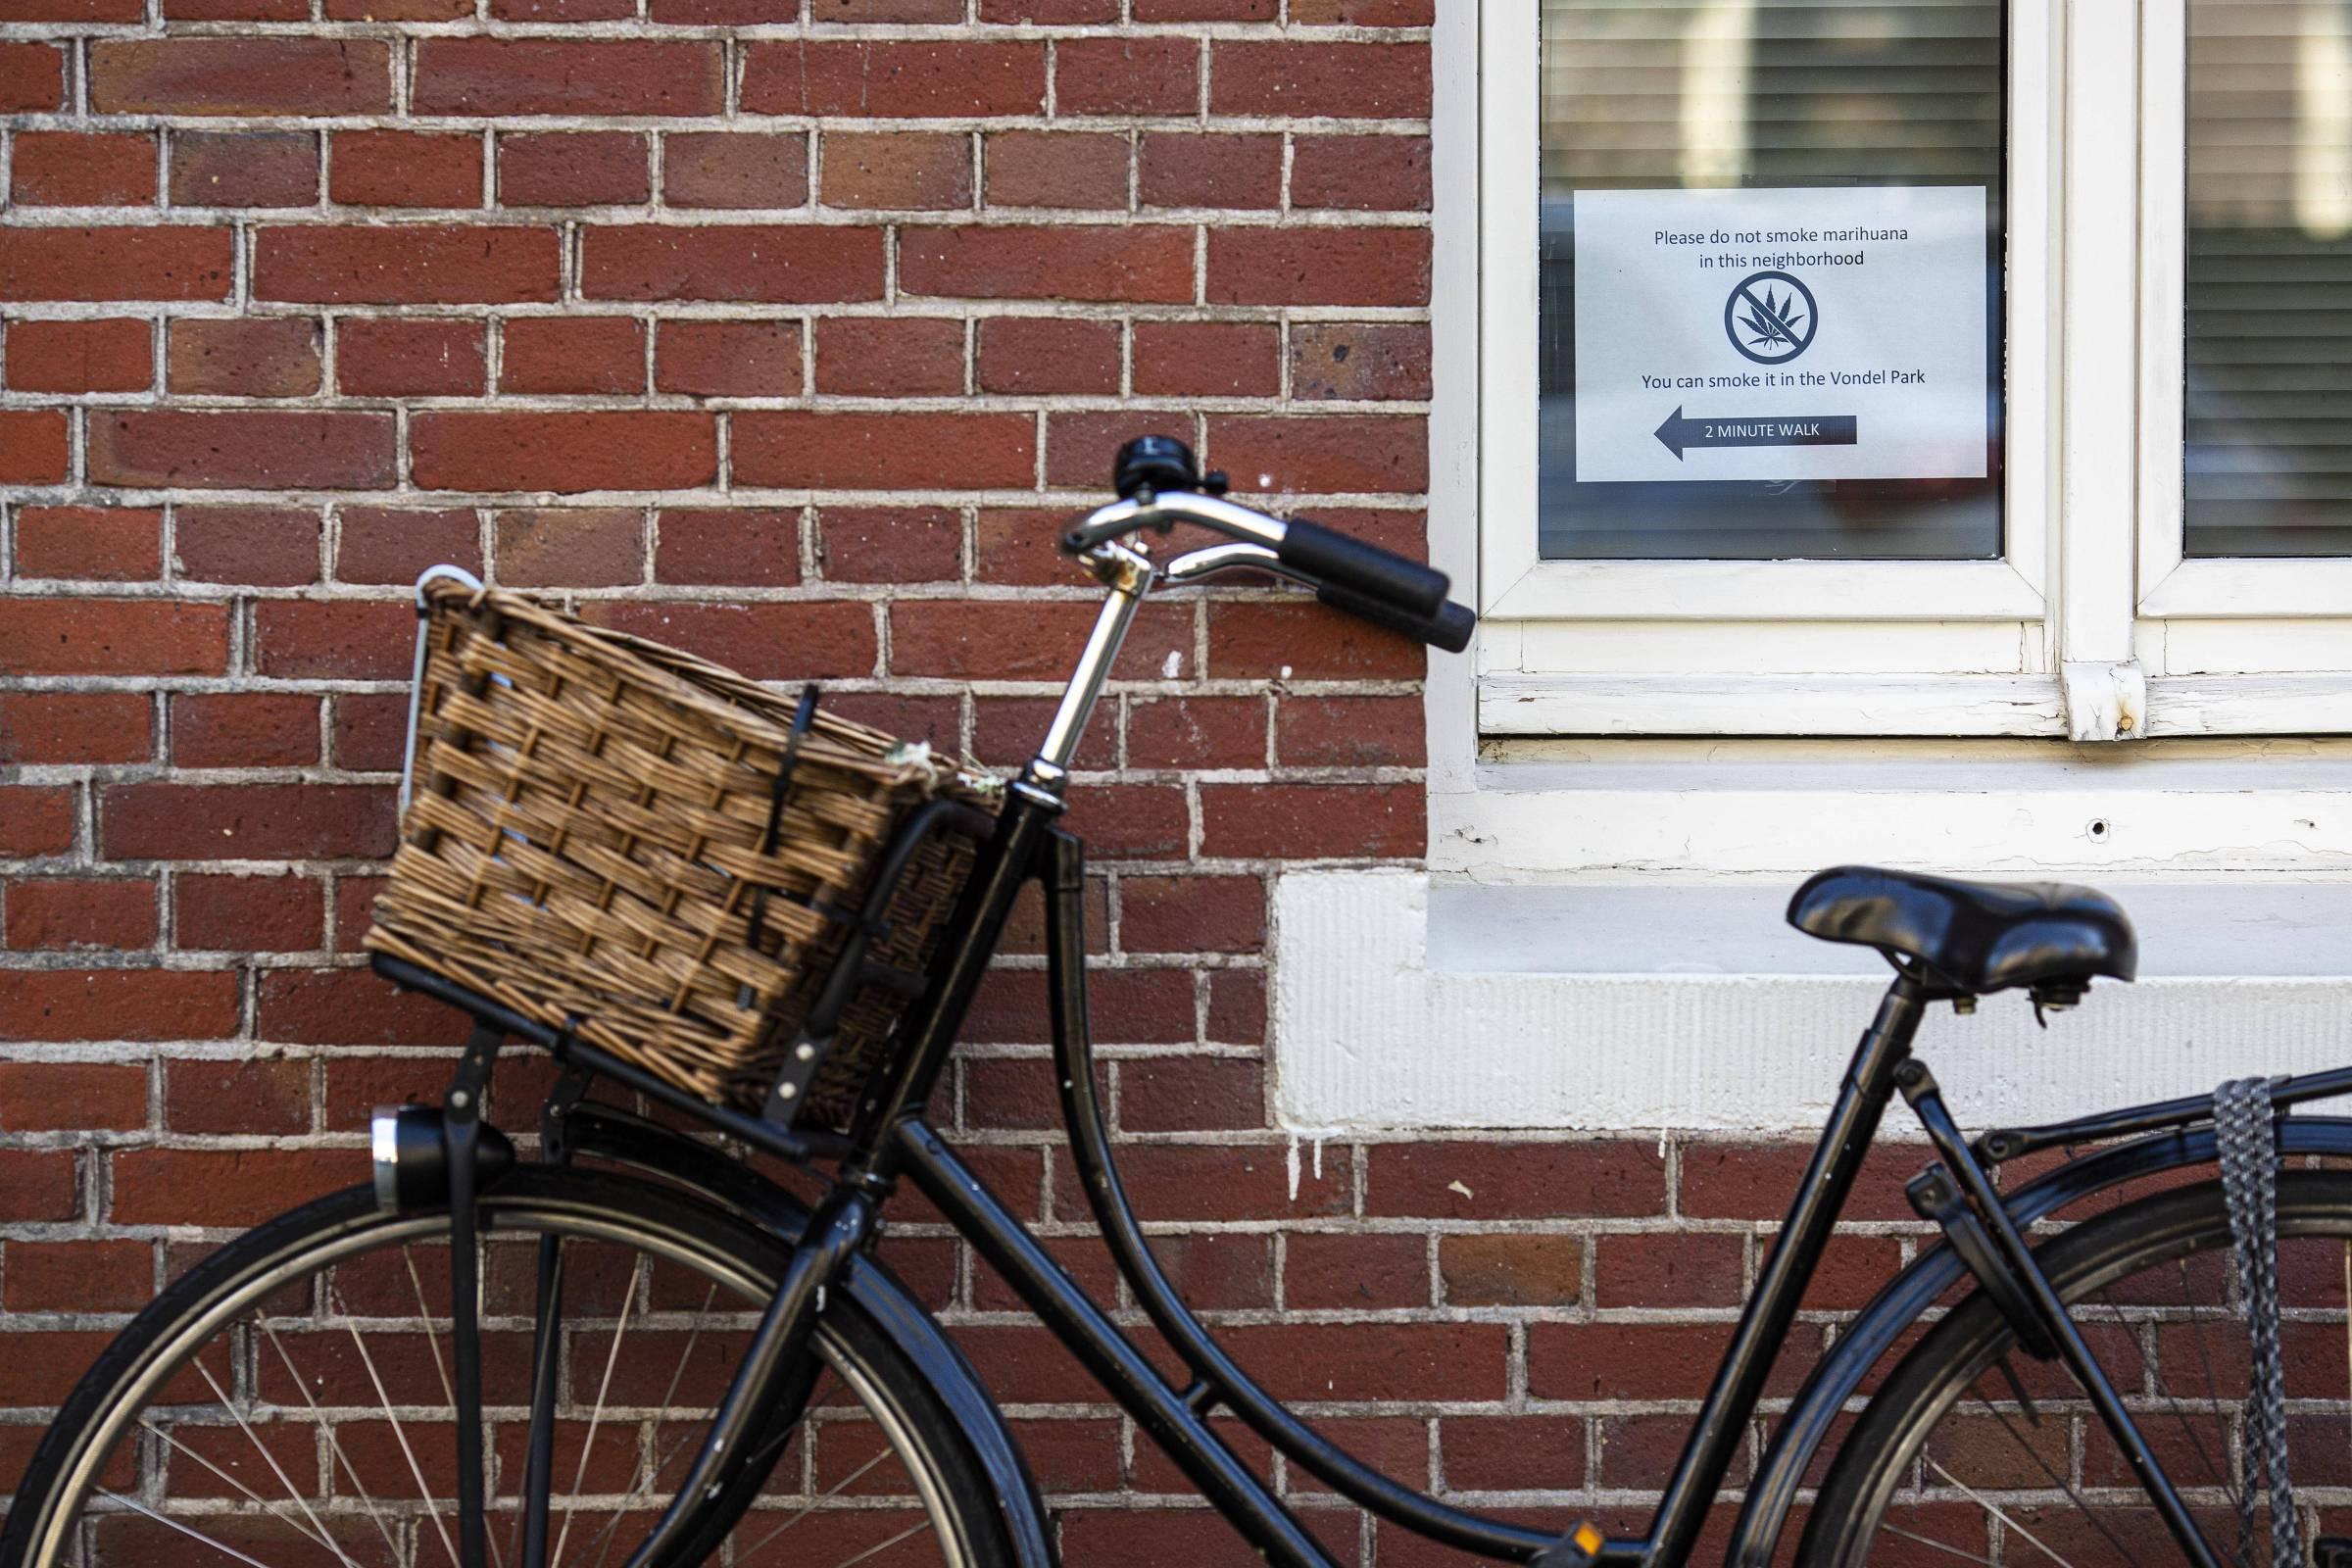 Aviso sobre proibição de fumar em hotel em Amsterdã